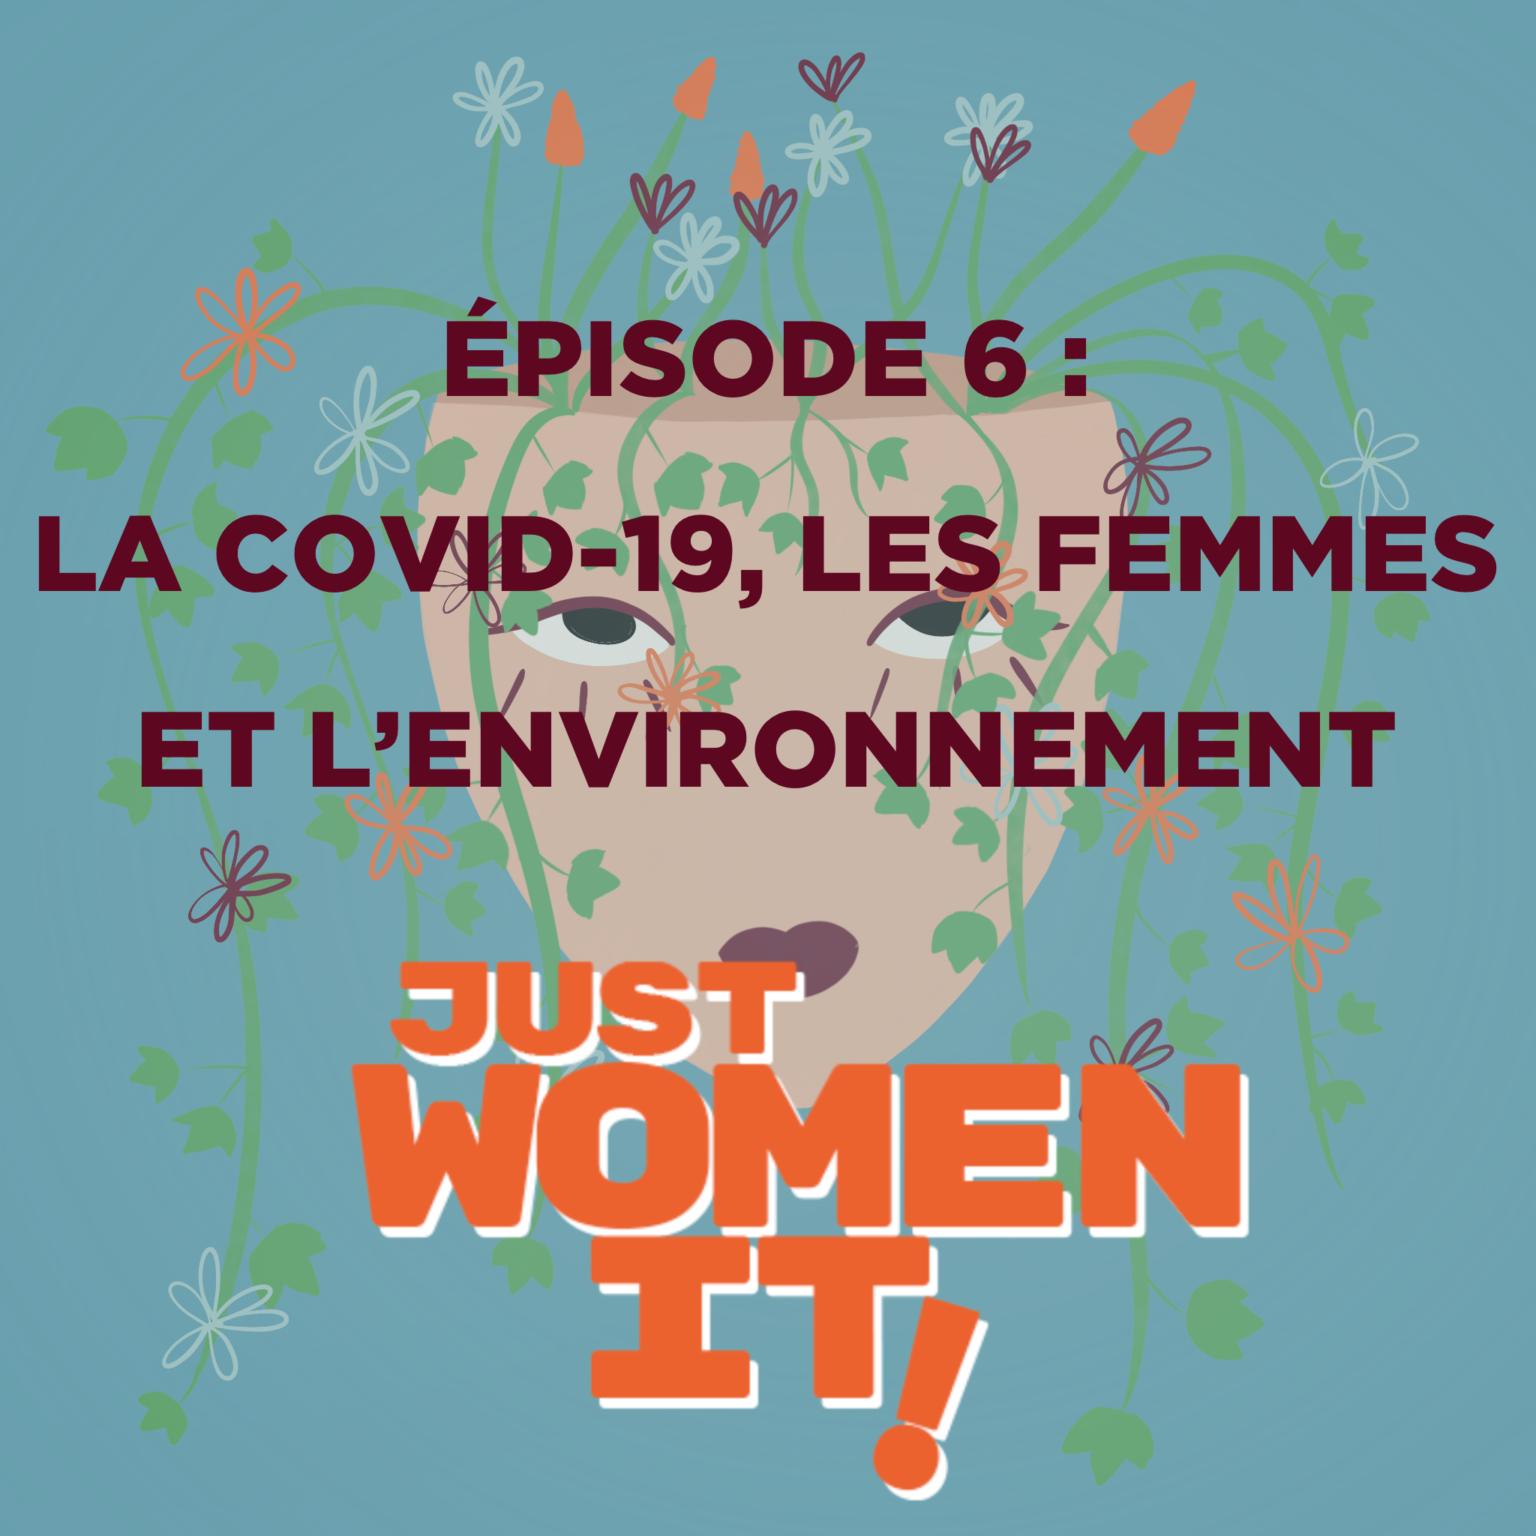 La covid-19, les femmes et l'environnement